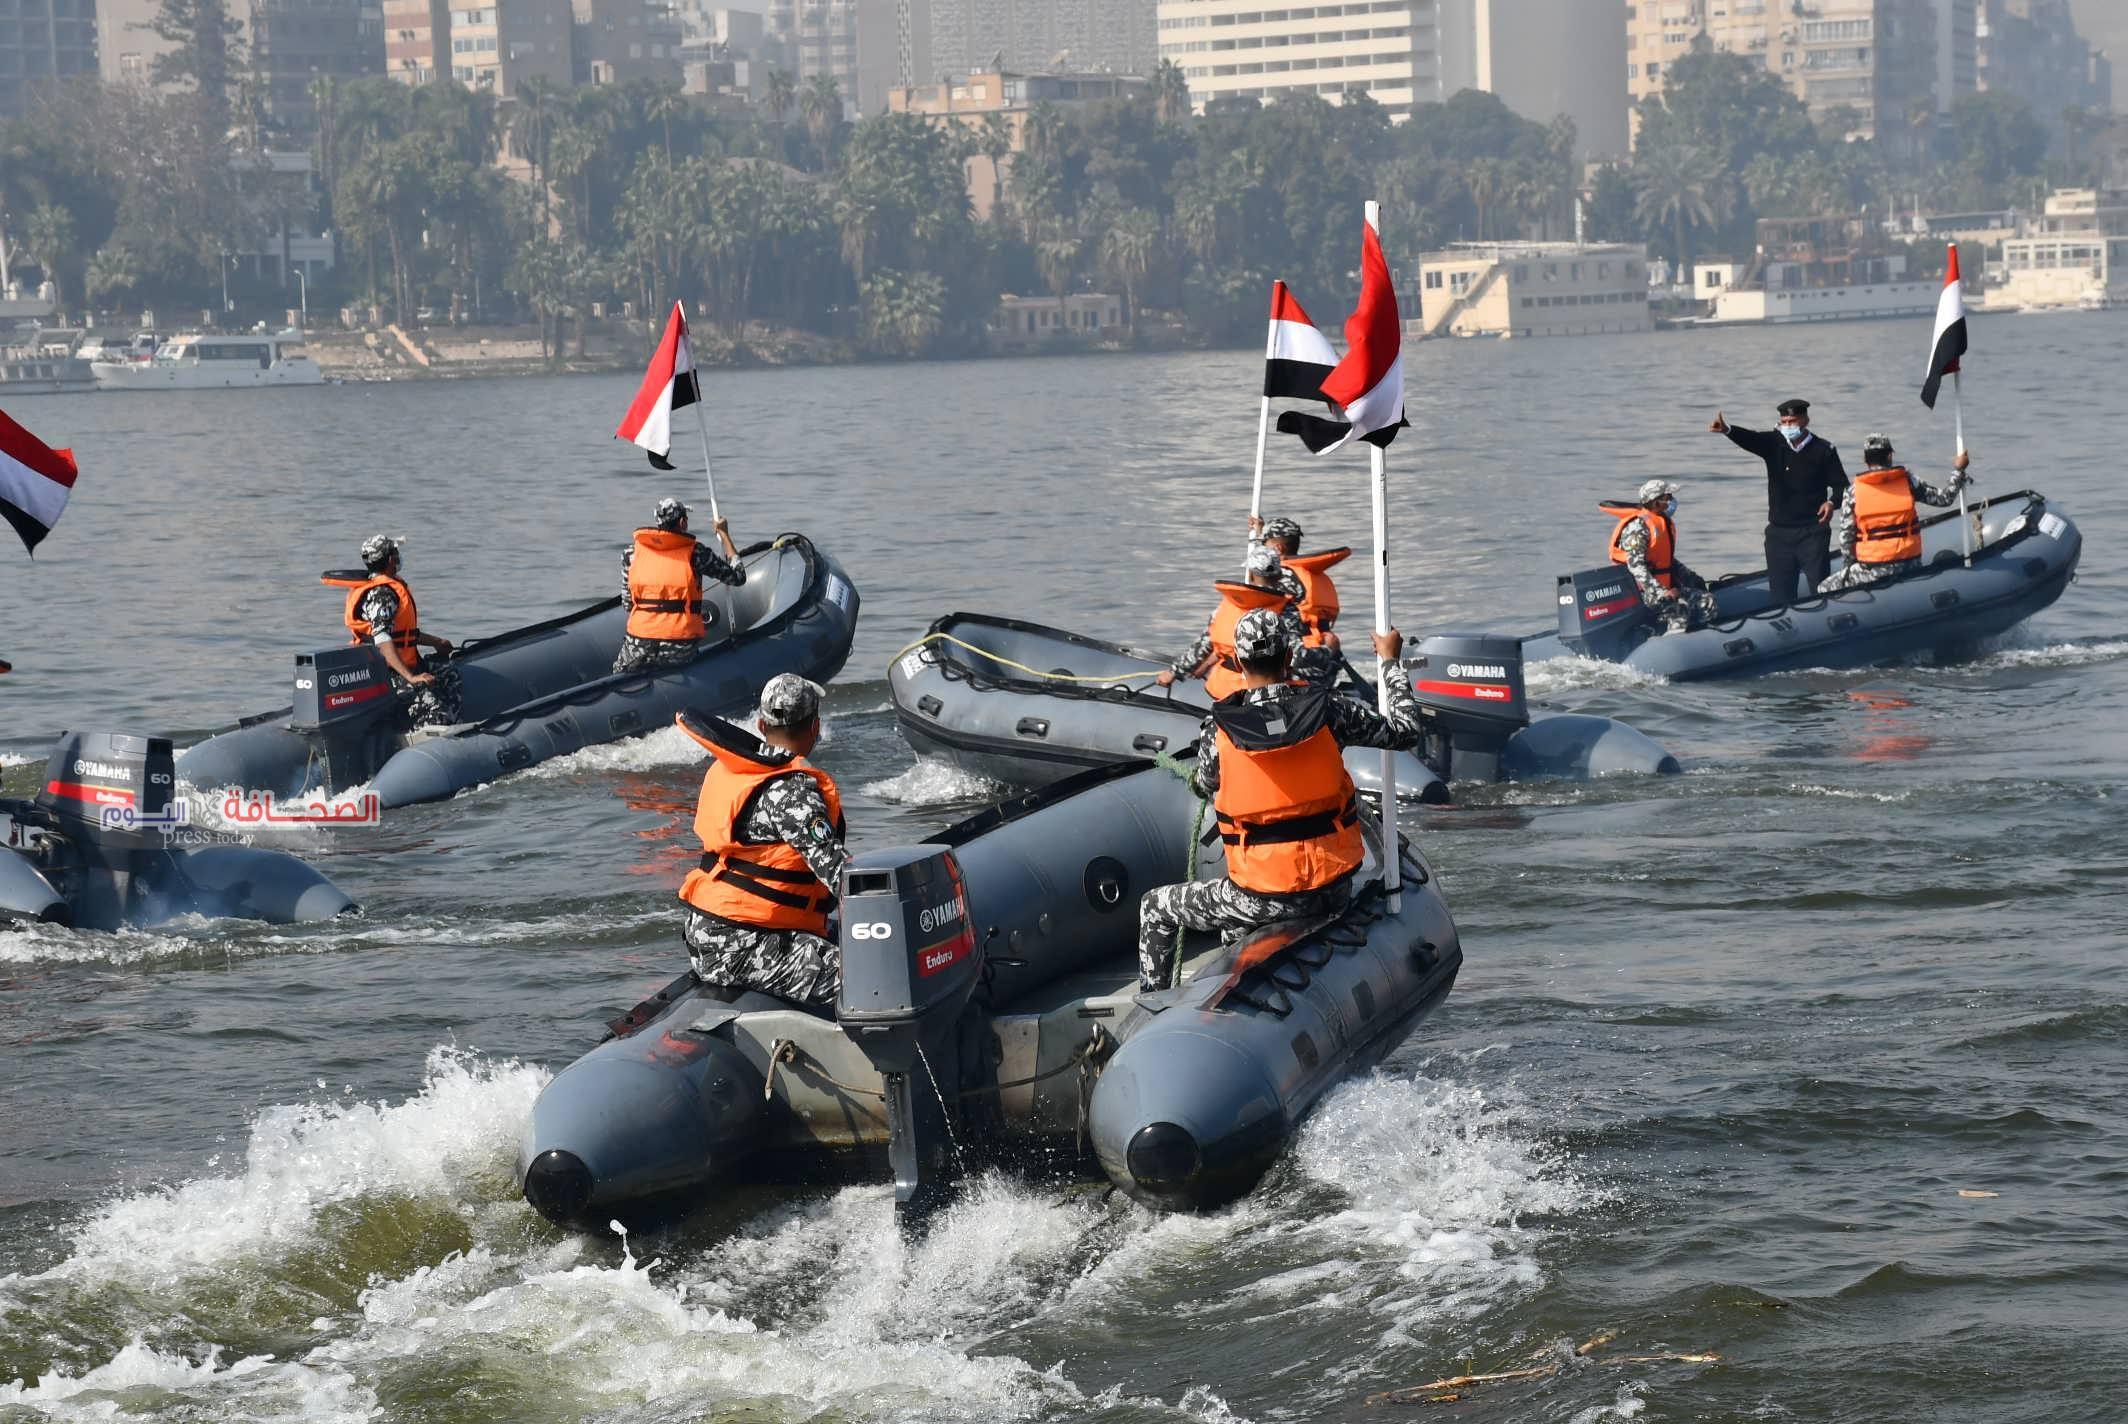 بالصور .. إحتفال شرطة المسطحات المائية بعيد الشرطة